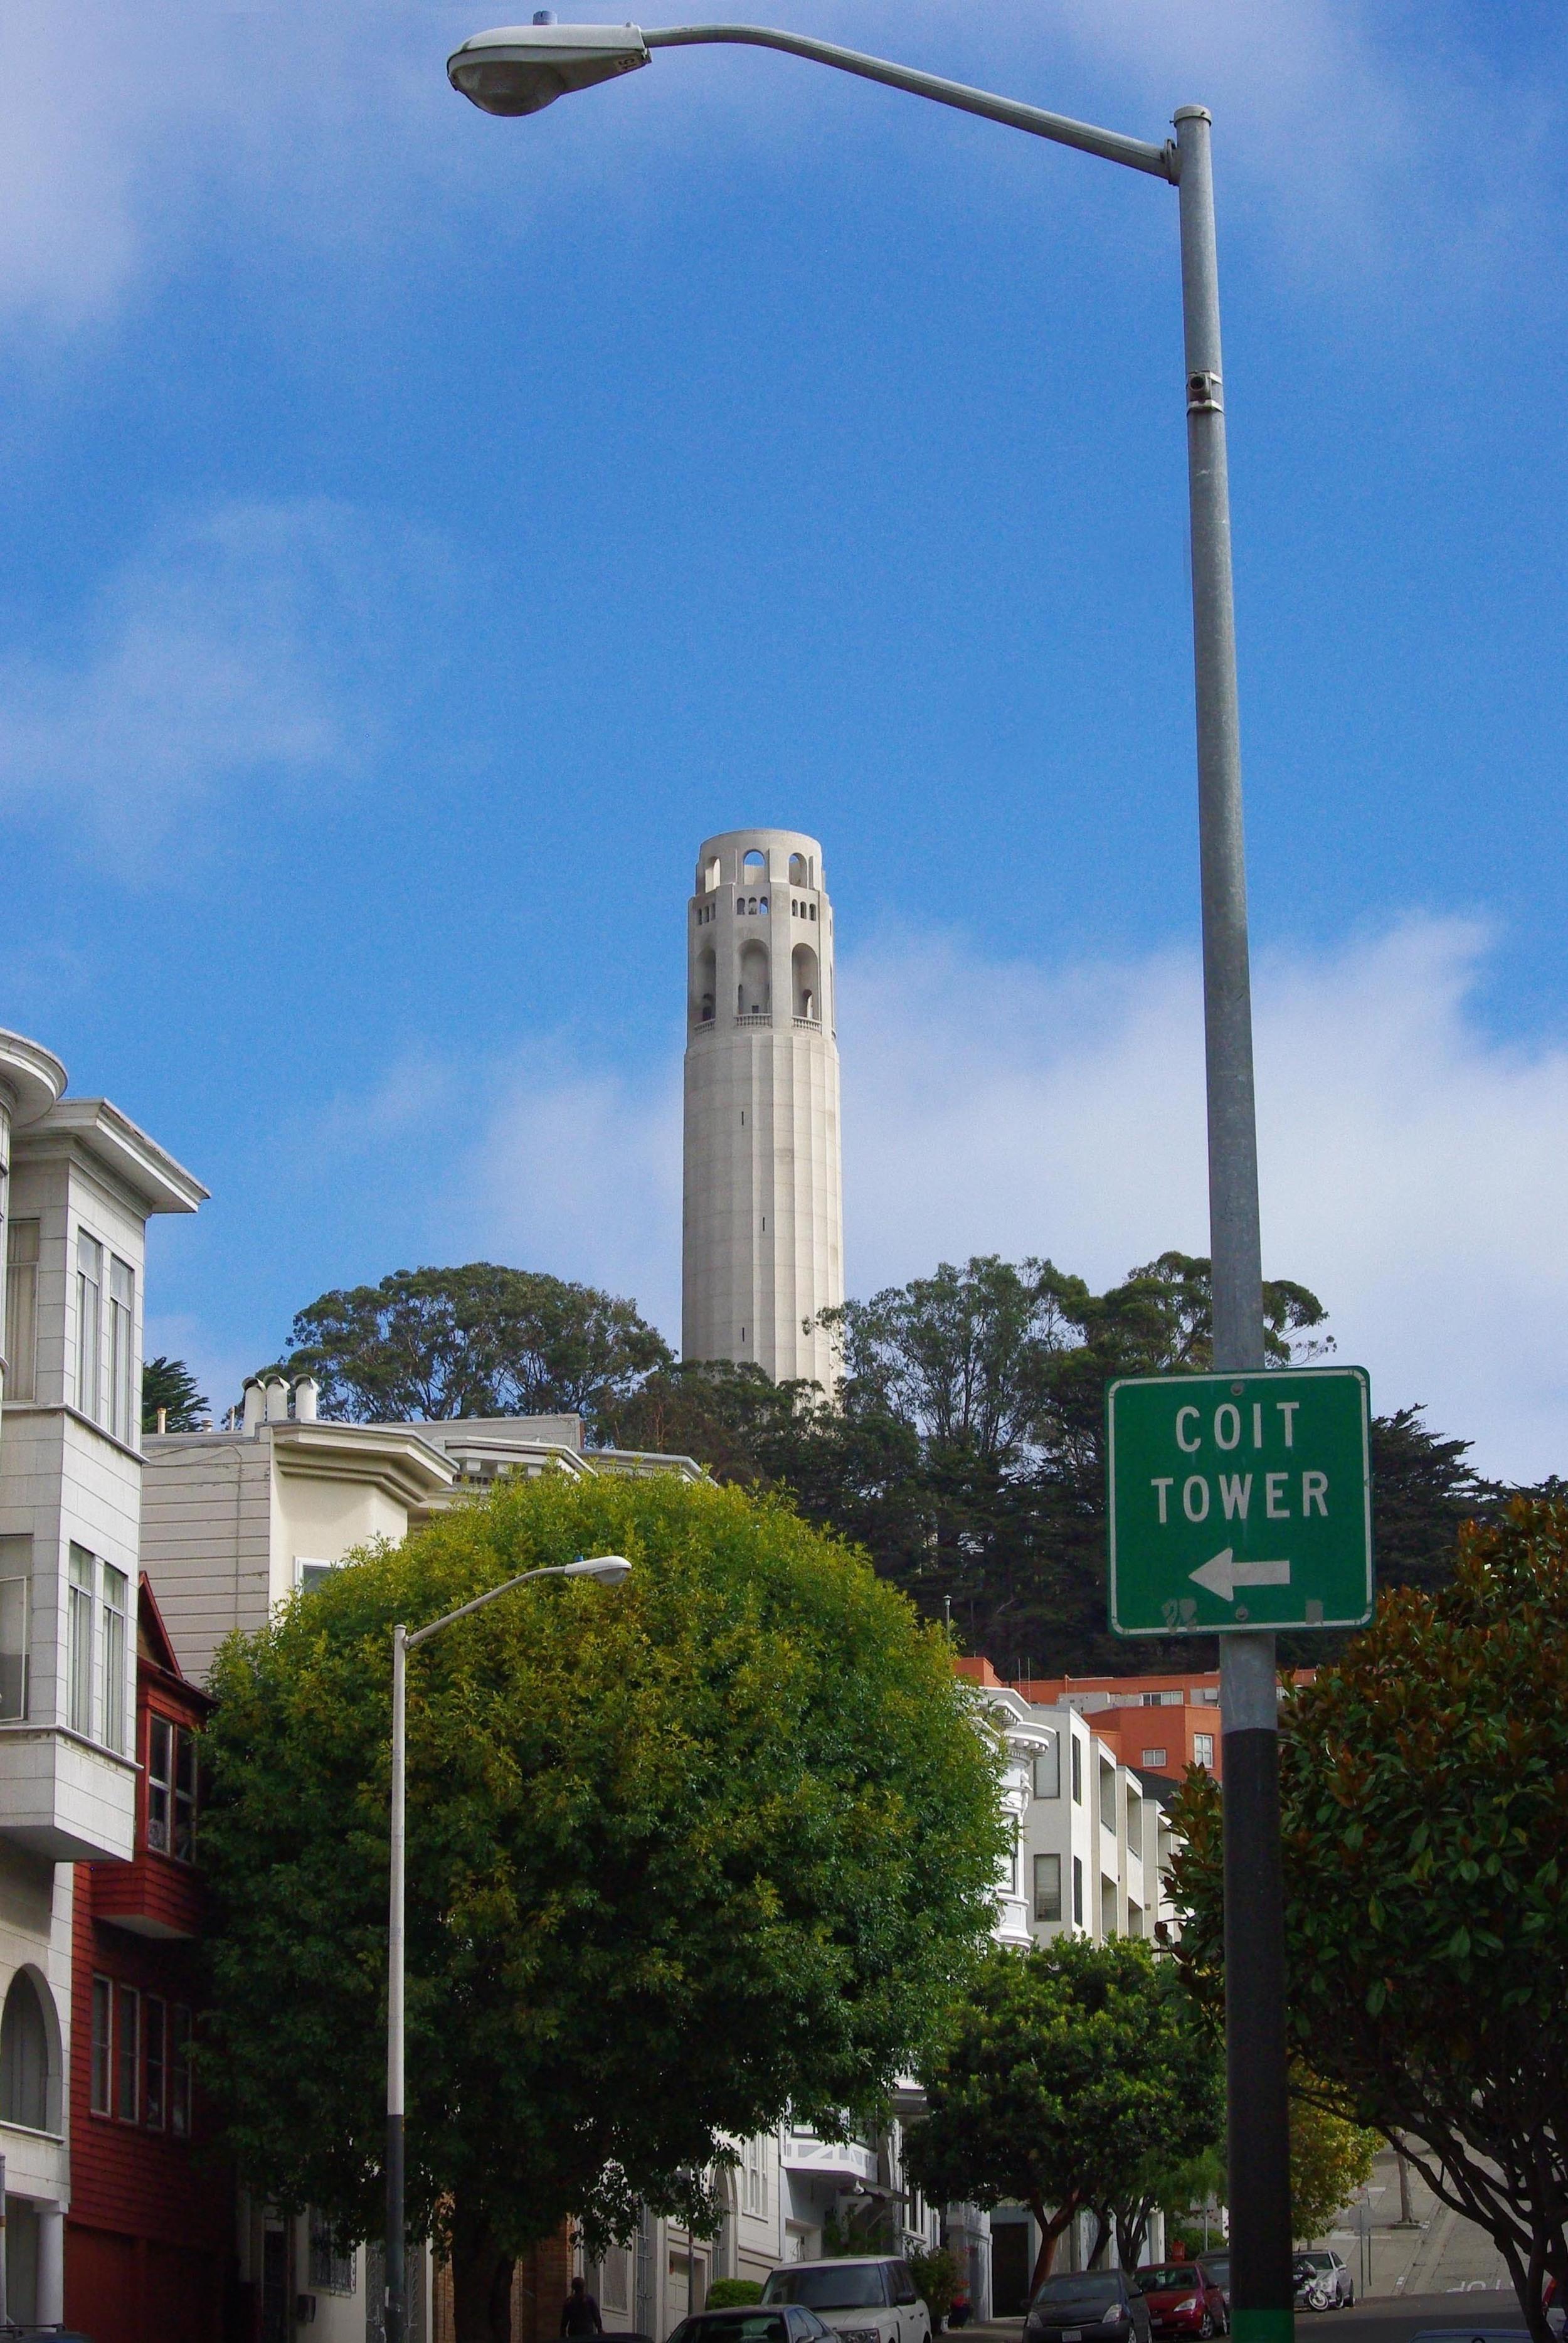 6.Climb Coit Tower